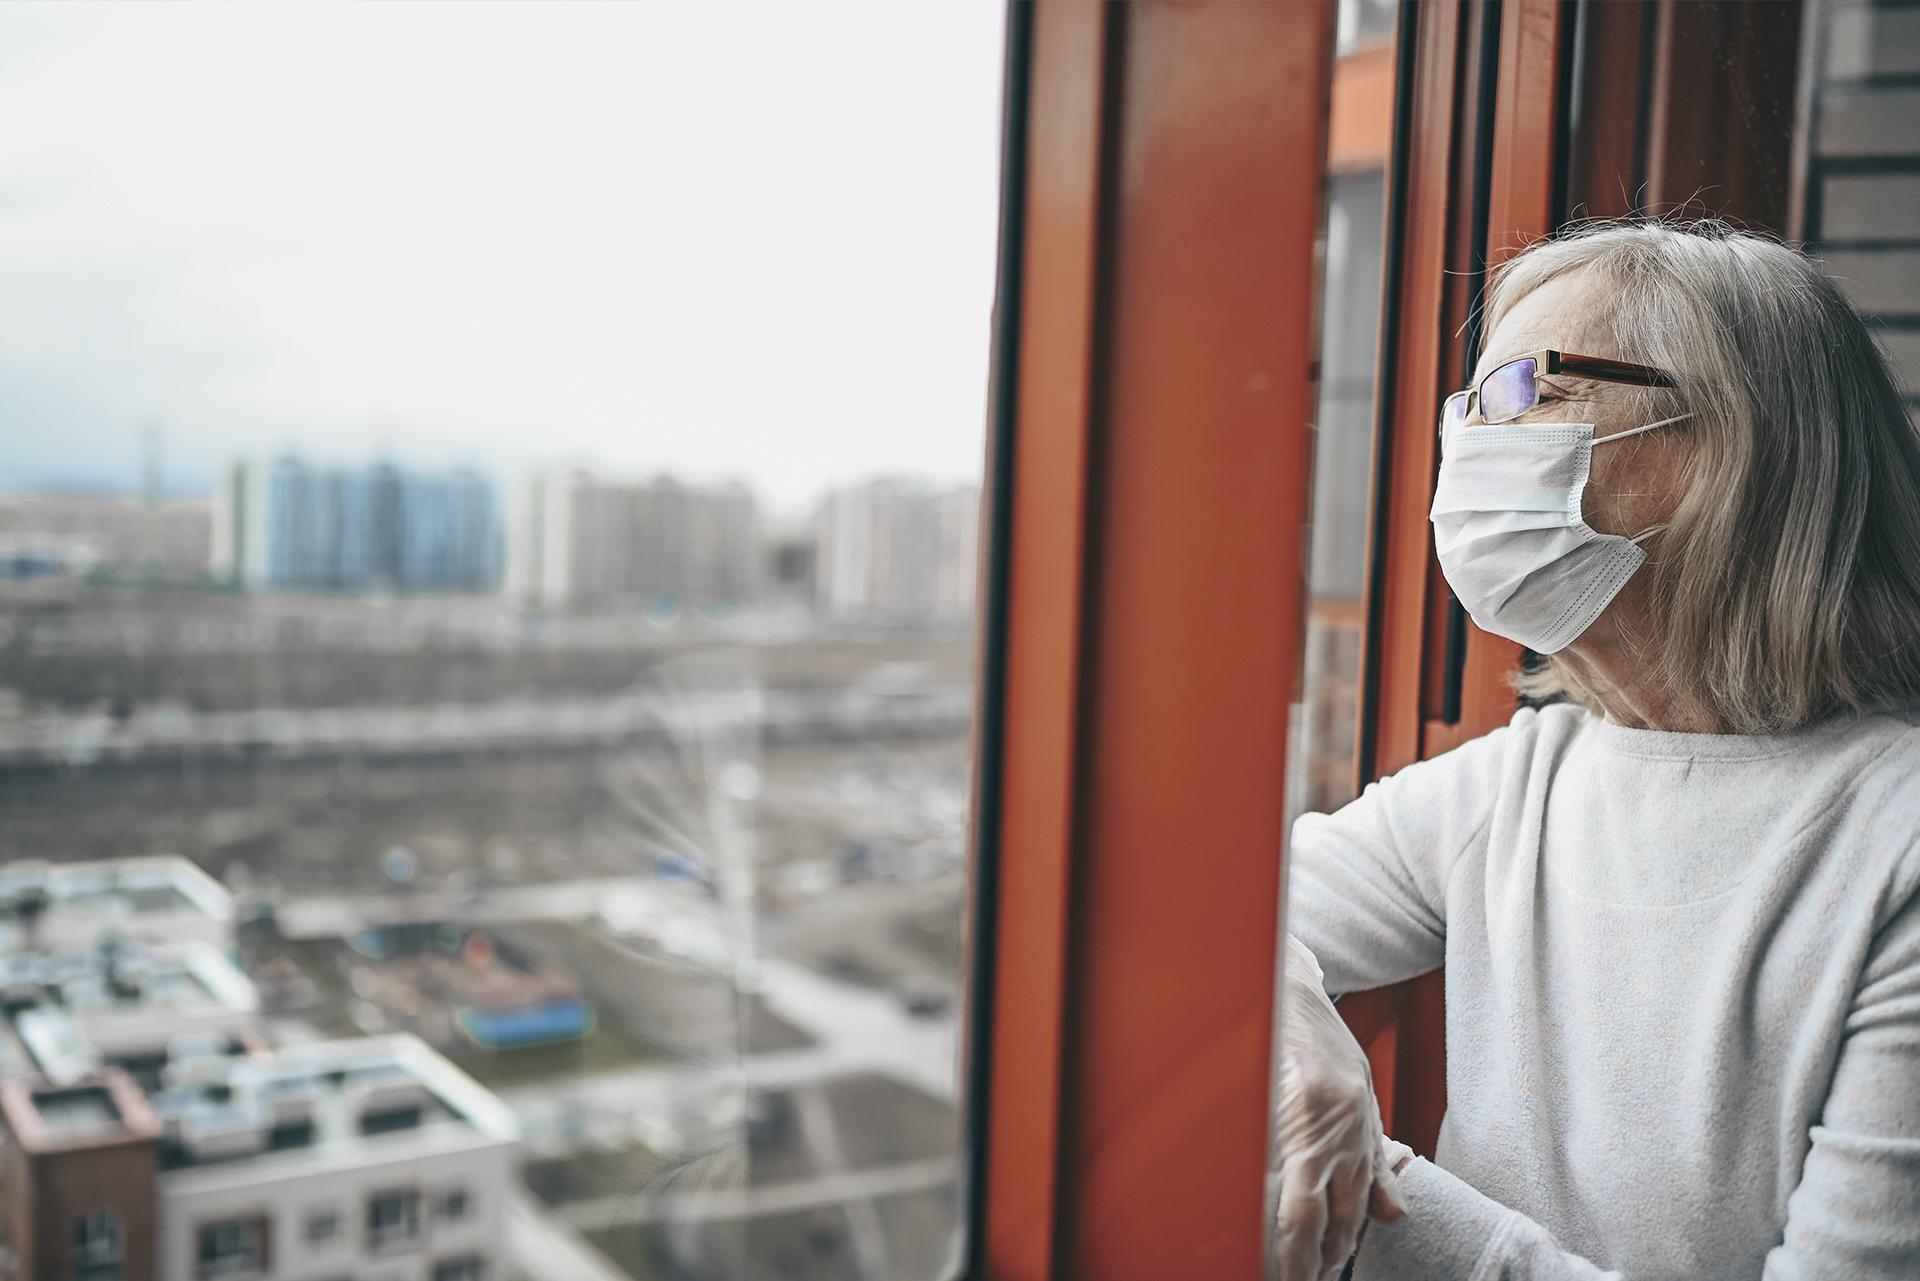 Mulher de máscara observando a janela